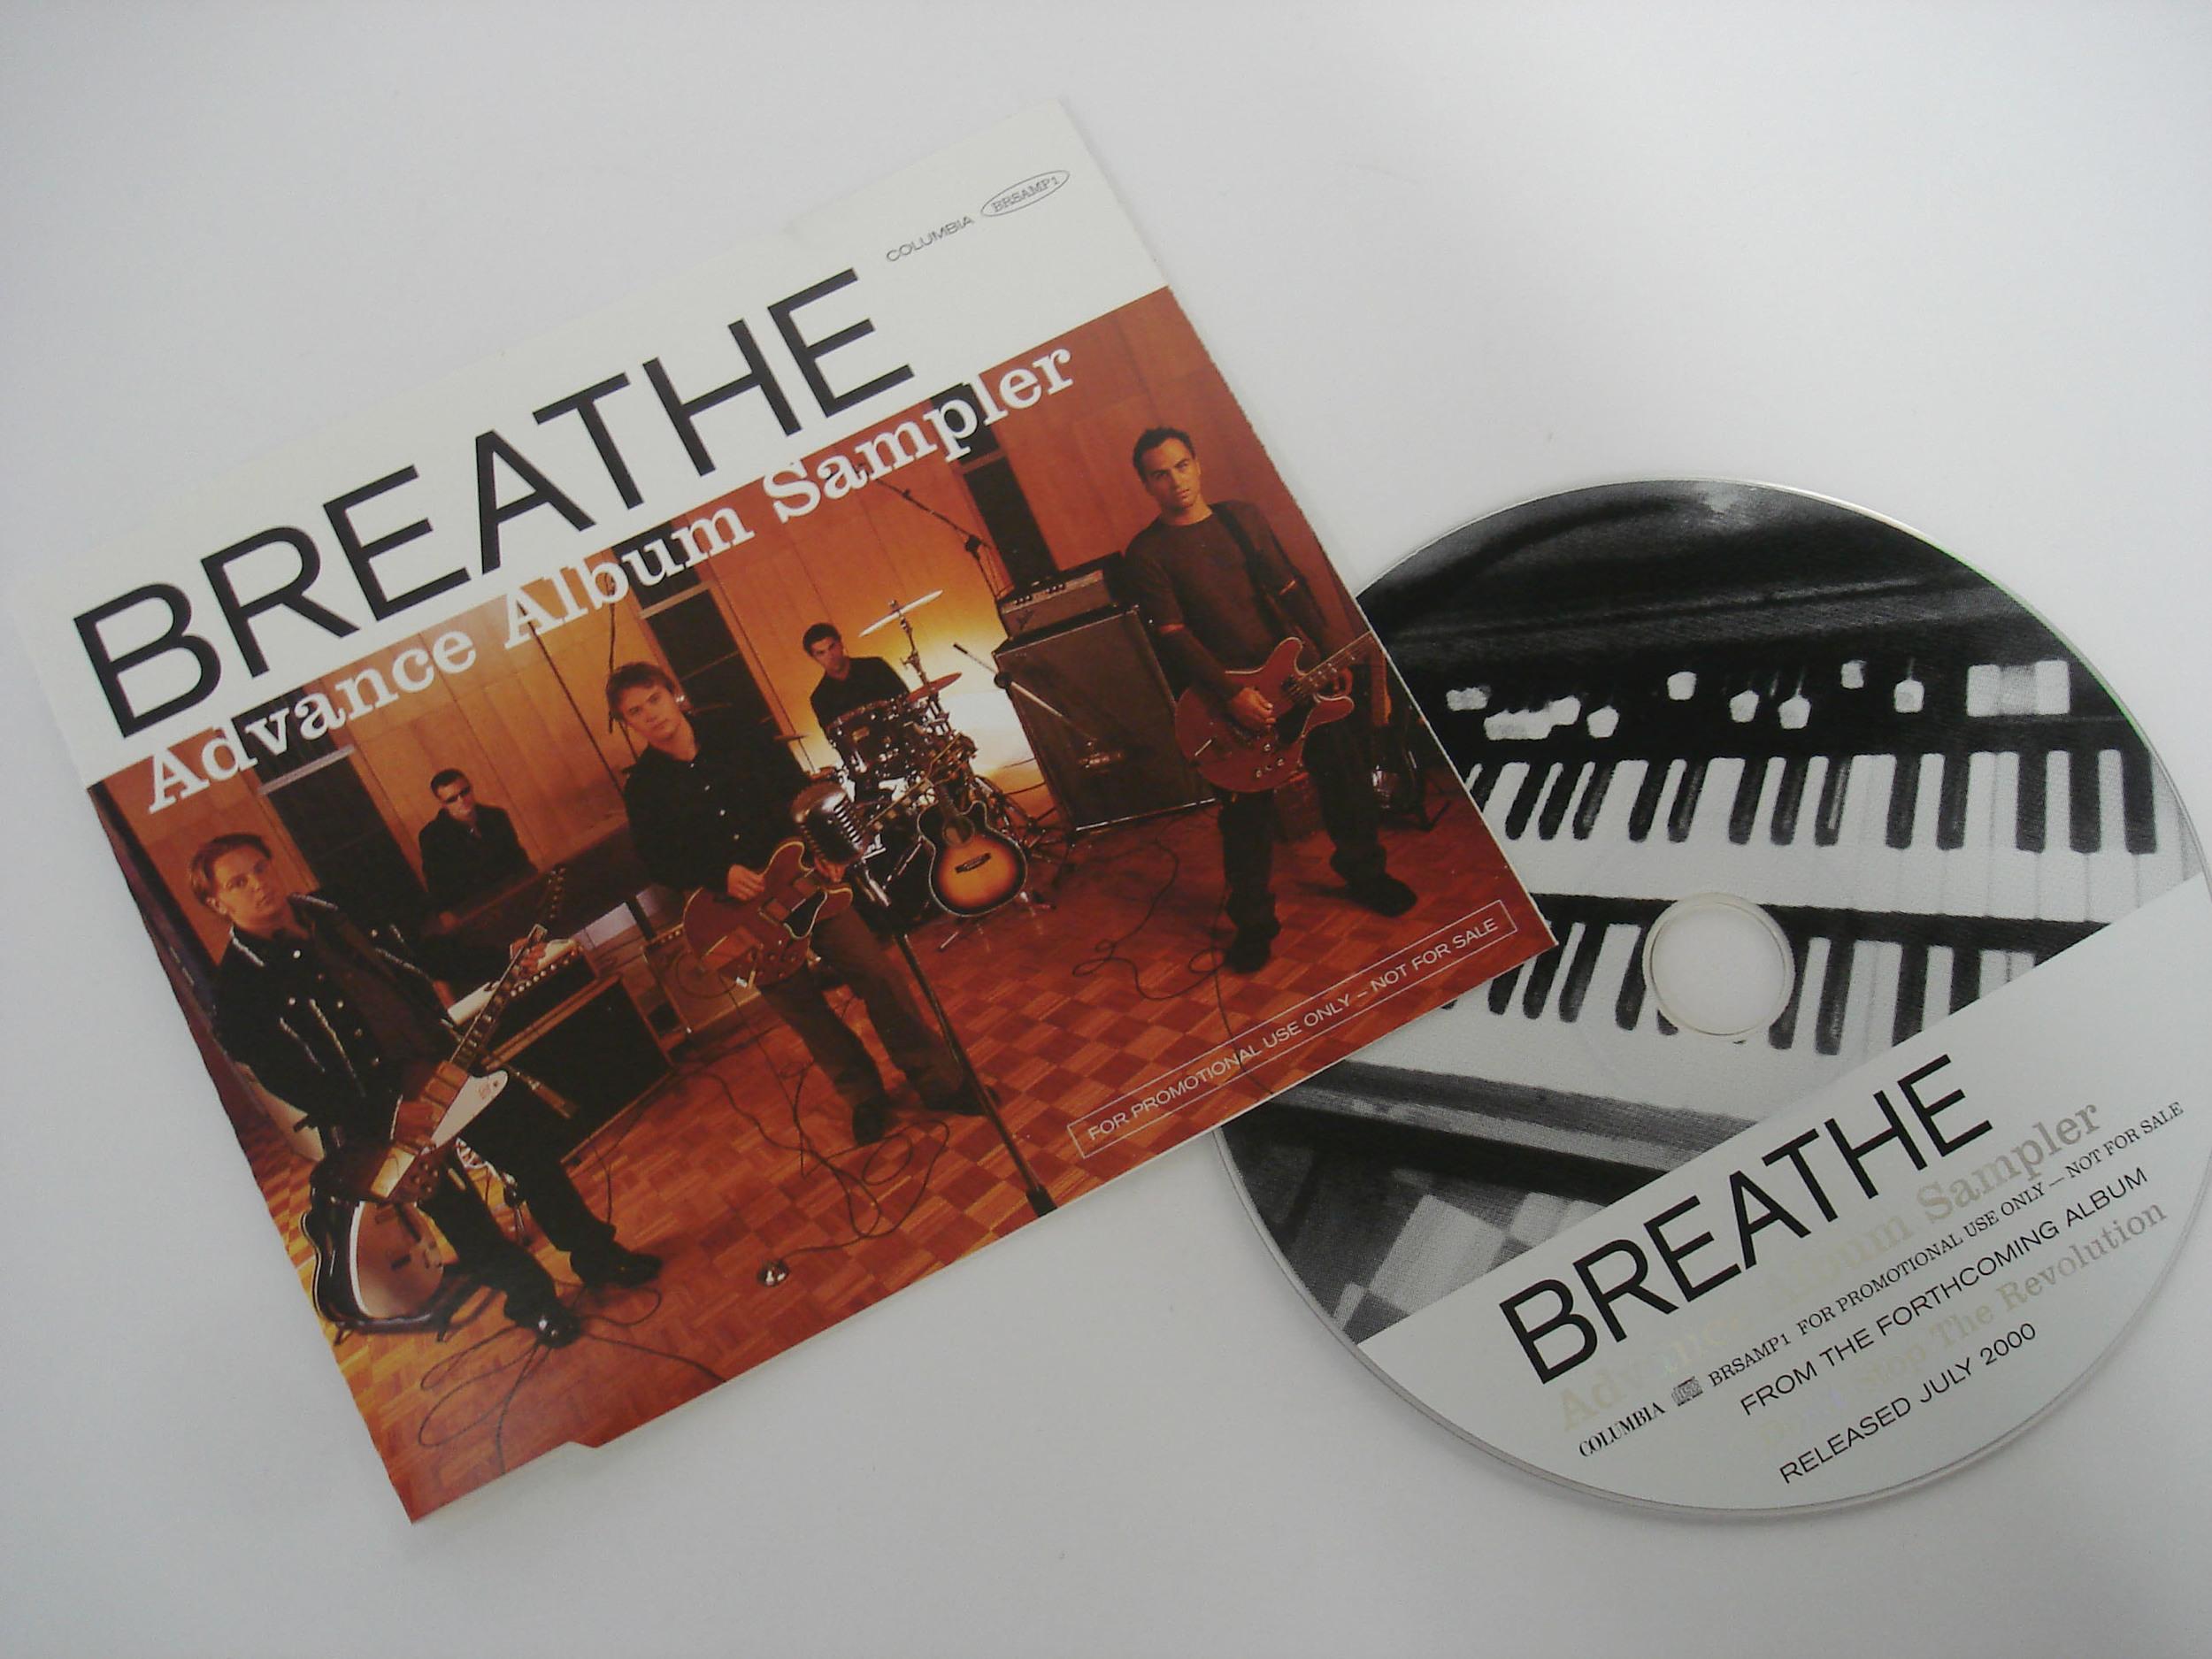 BREATHE - ADVANCE ALBUM SAMPLER